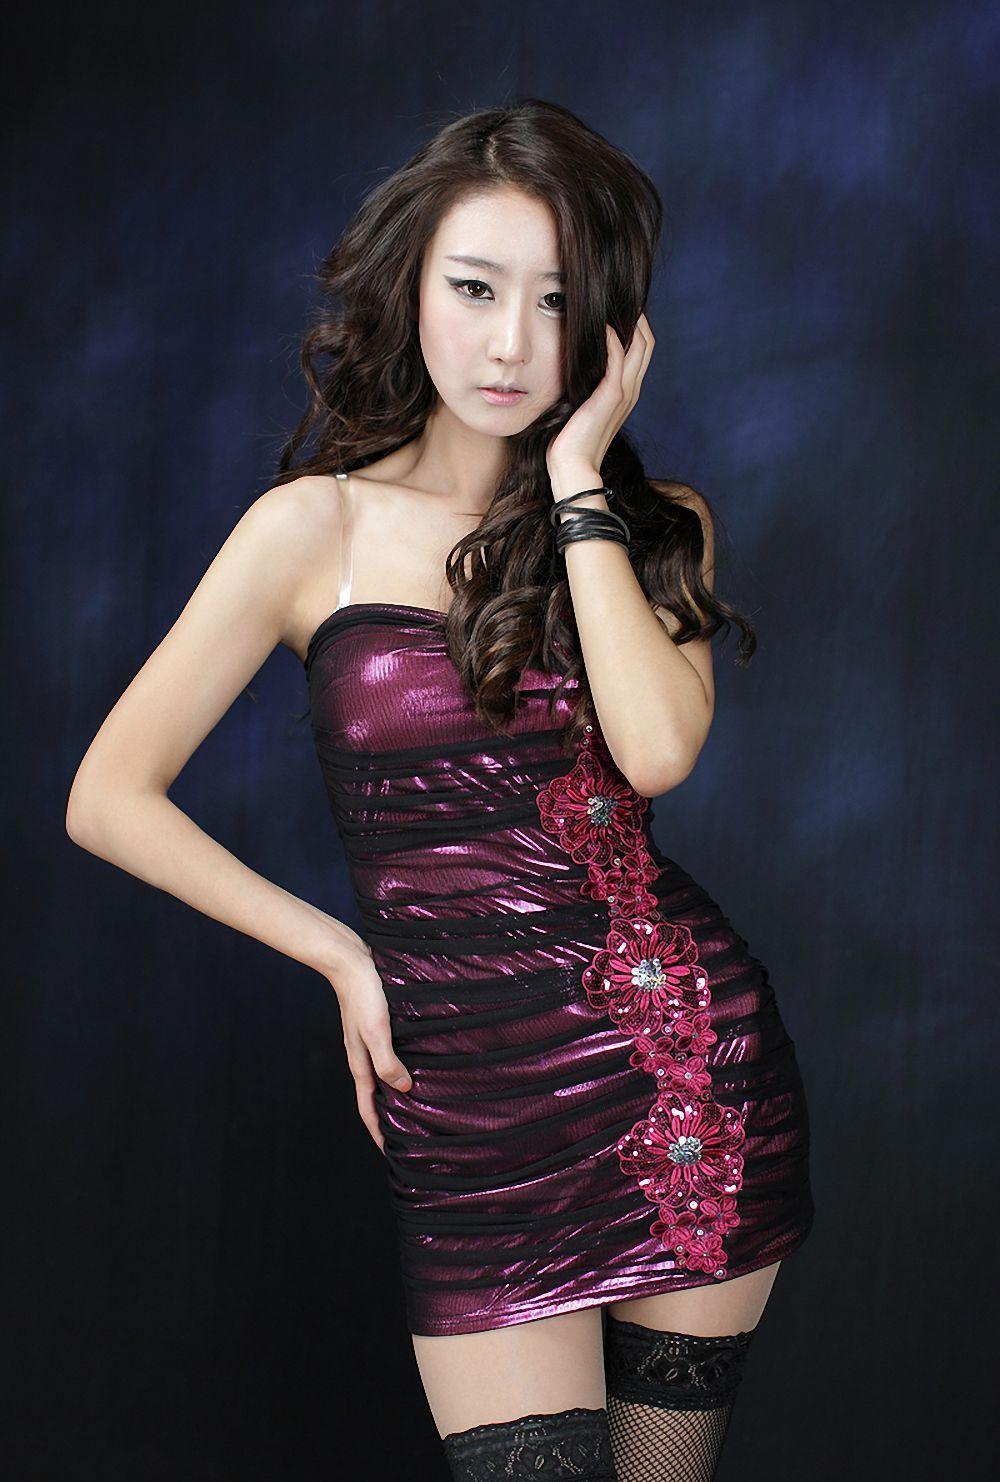 紫色衣服美女背景图片